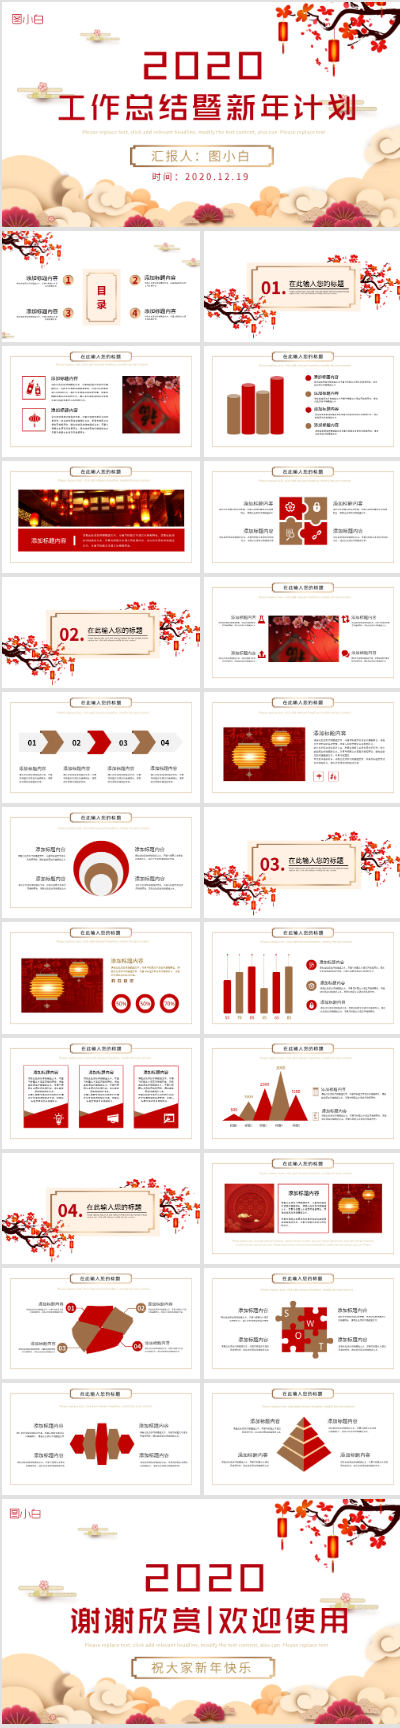 $紅色簡約典雅中國風工作總結新年計劃